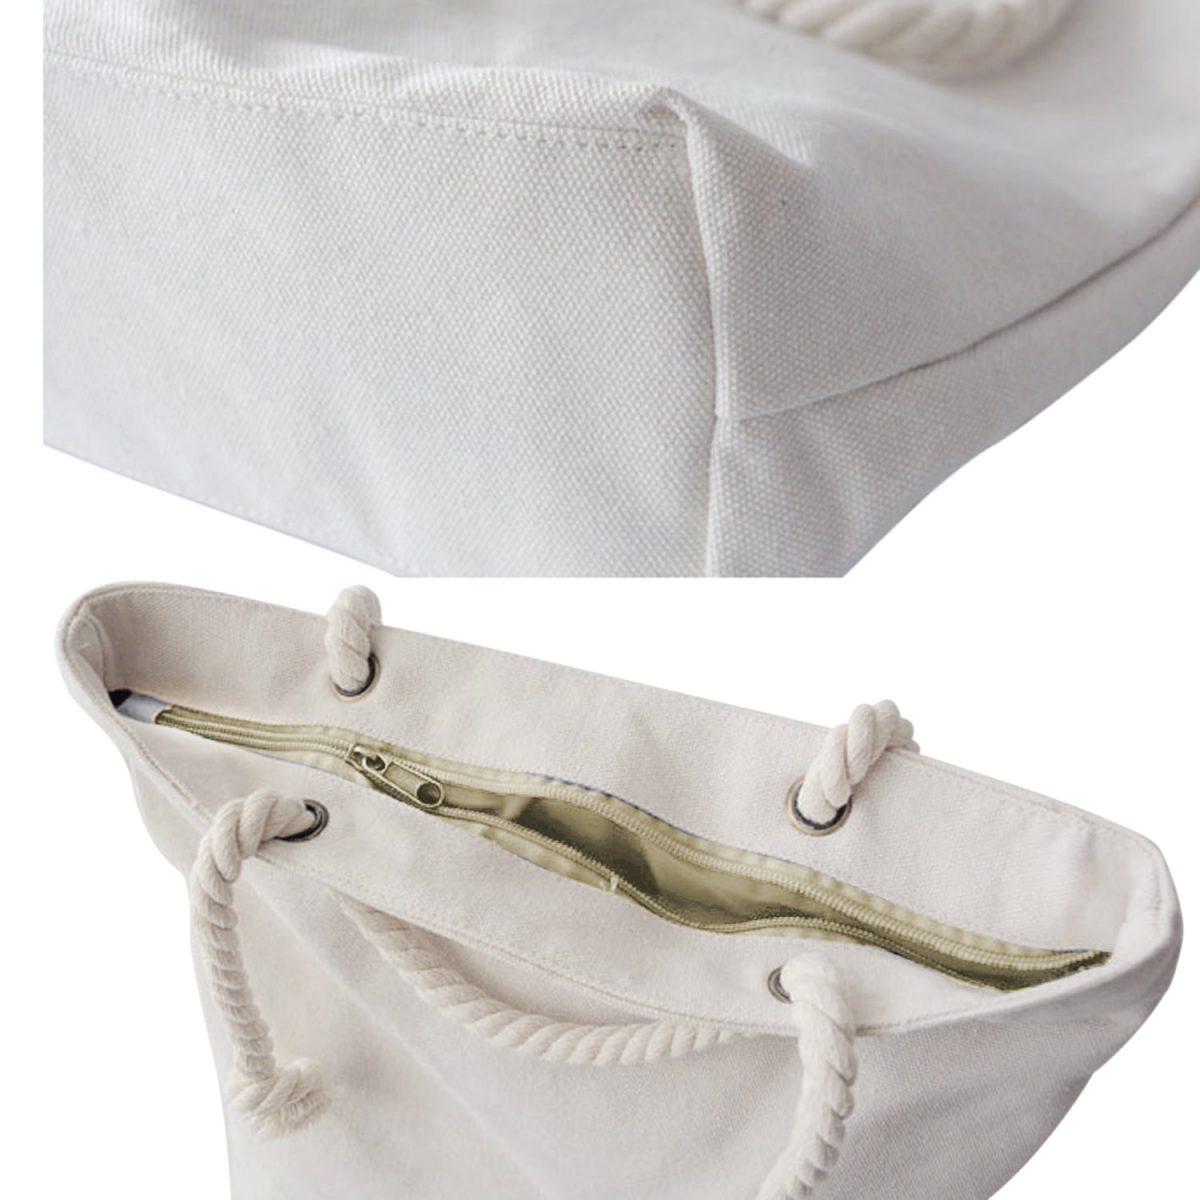 Çapa Desen Dijital Baskılı Fermuarlı Modern Kumaş Çanta Realhomes